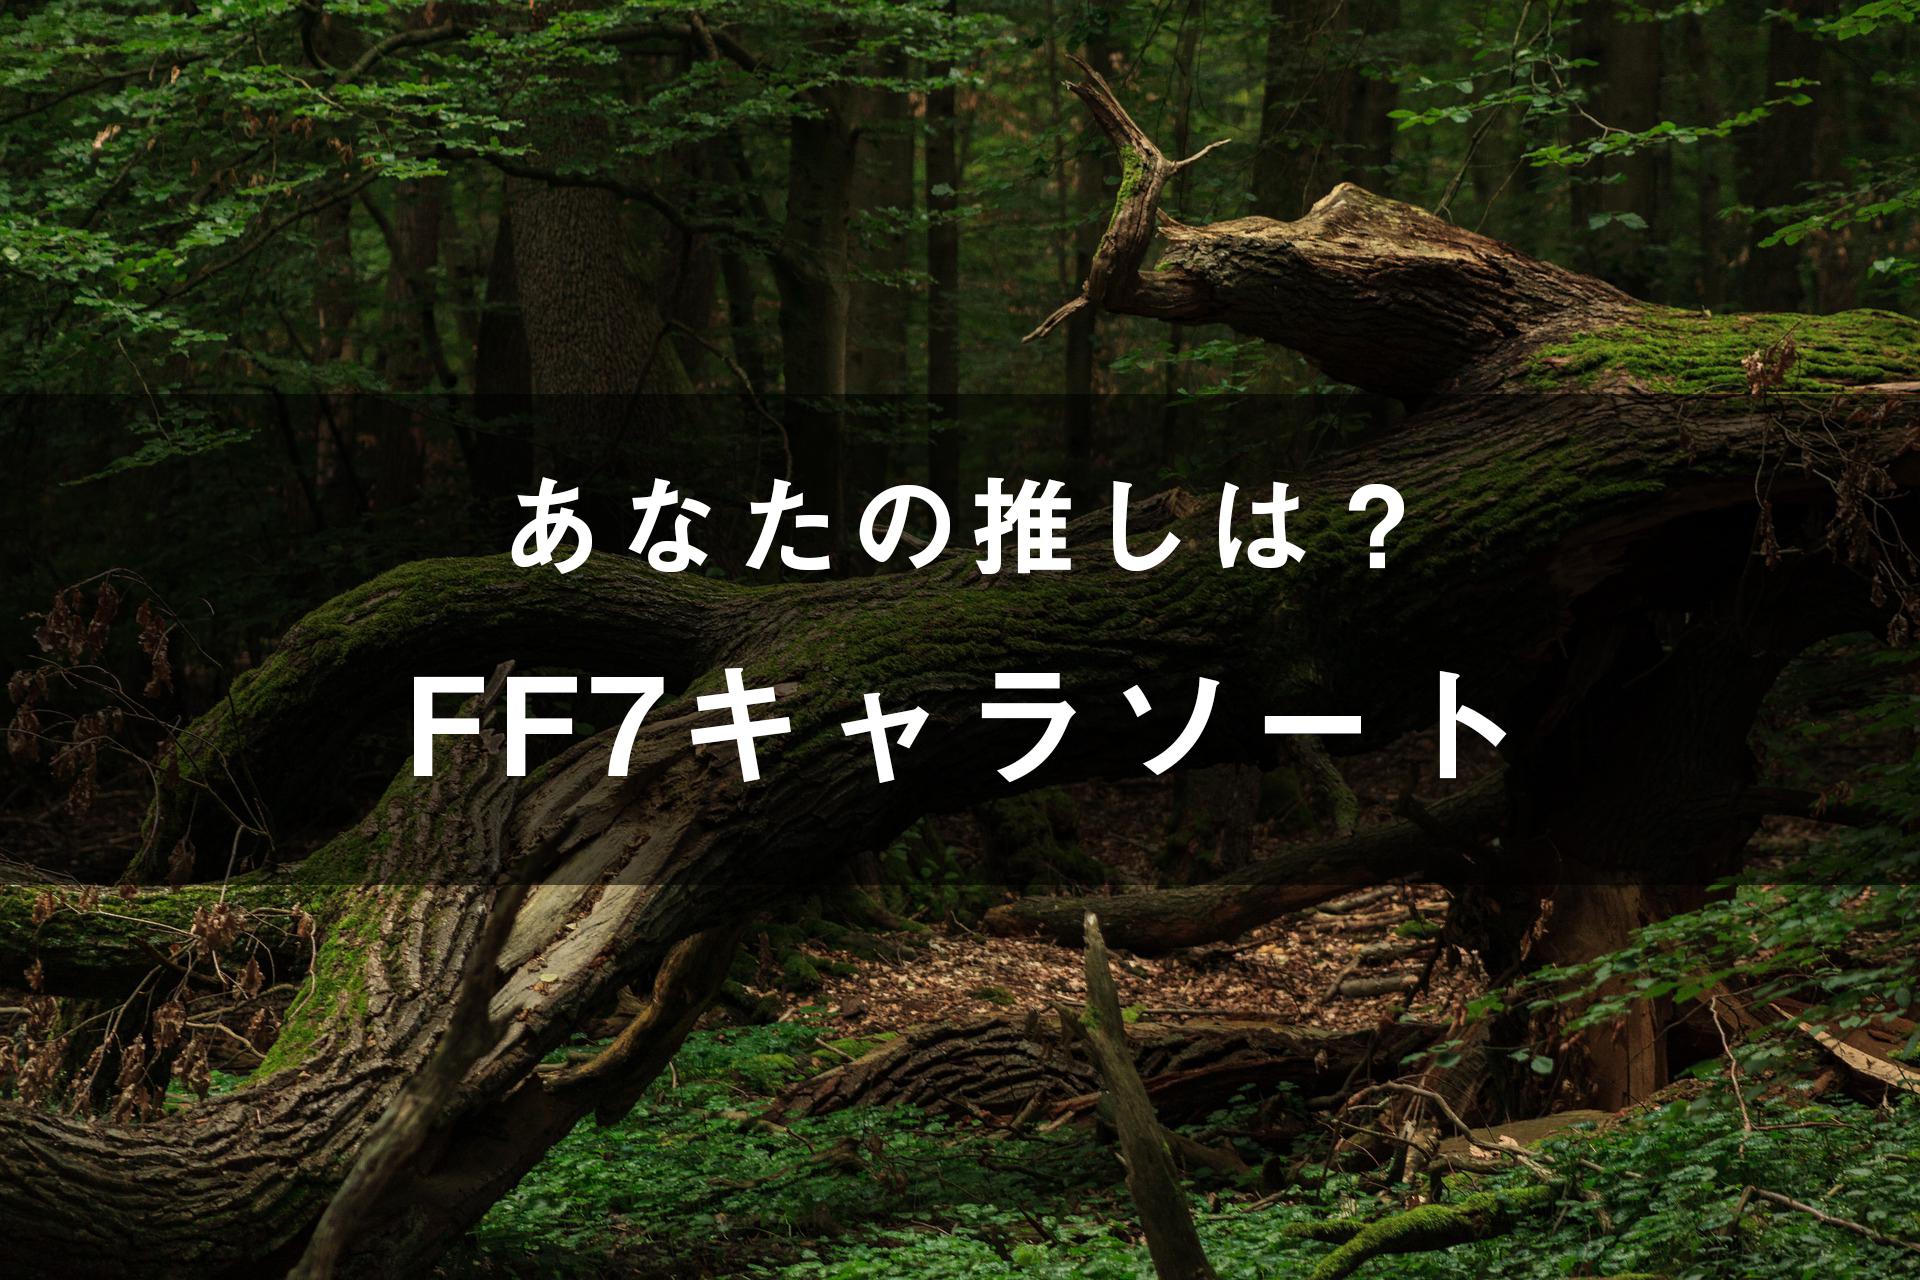 「ファイナルファンタジー7」のキャラソート(画像付き)